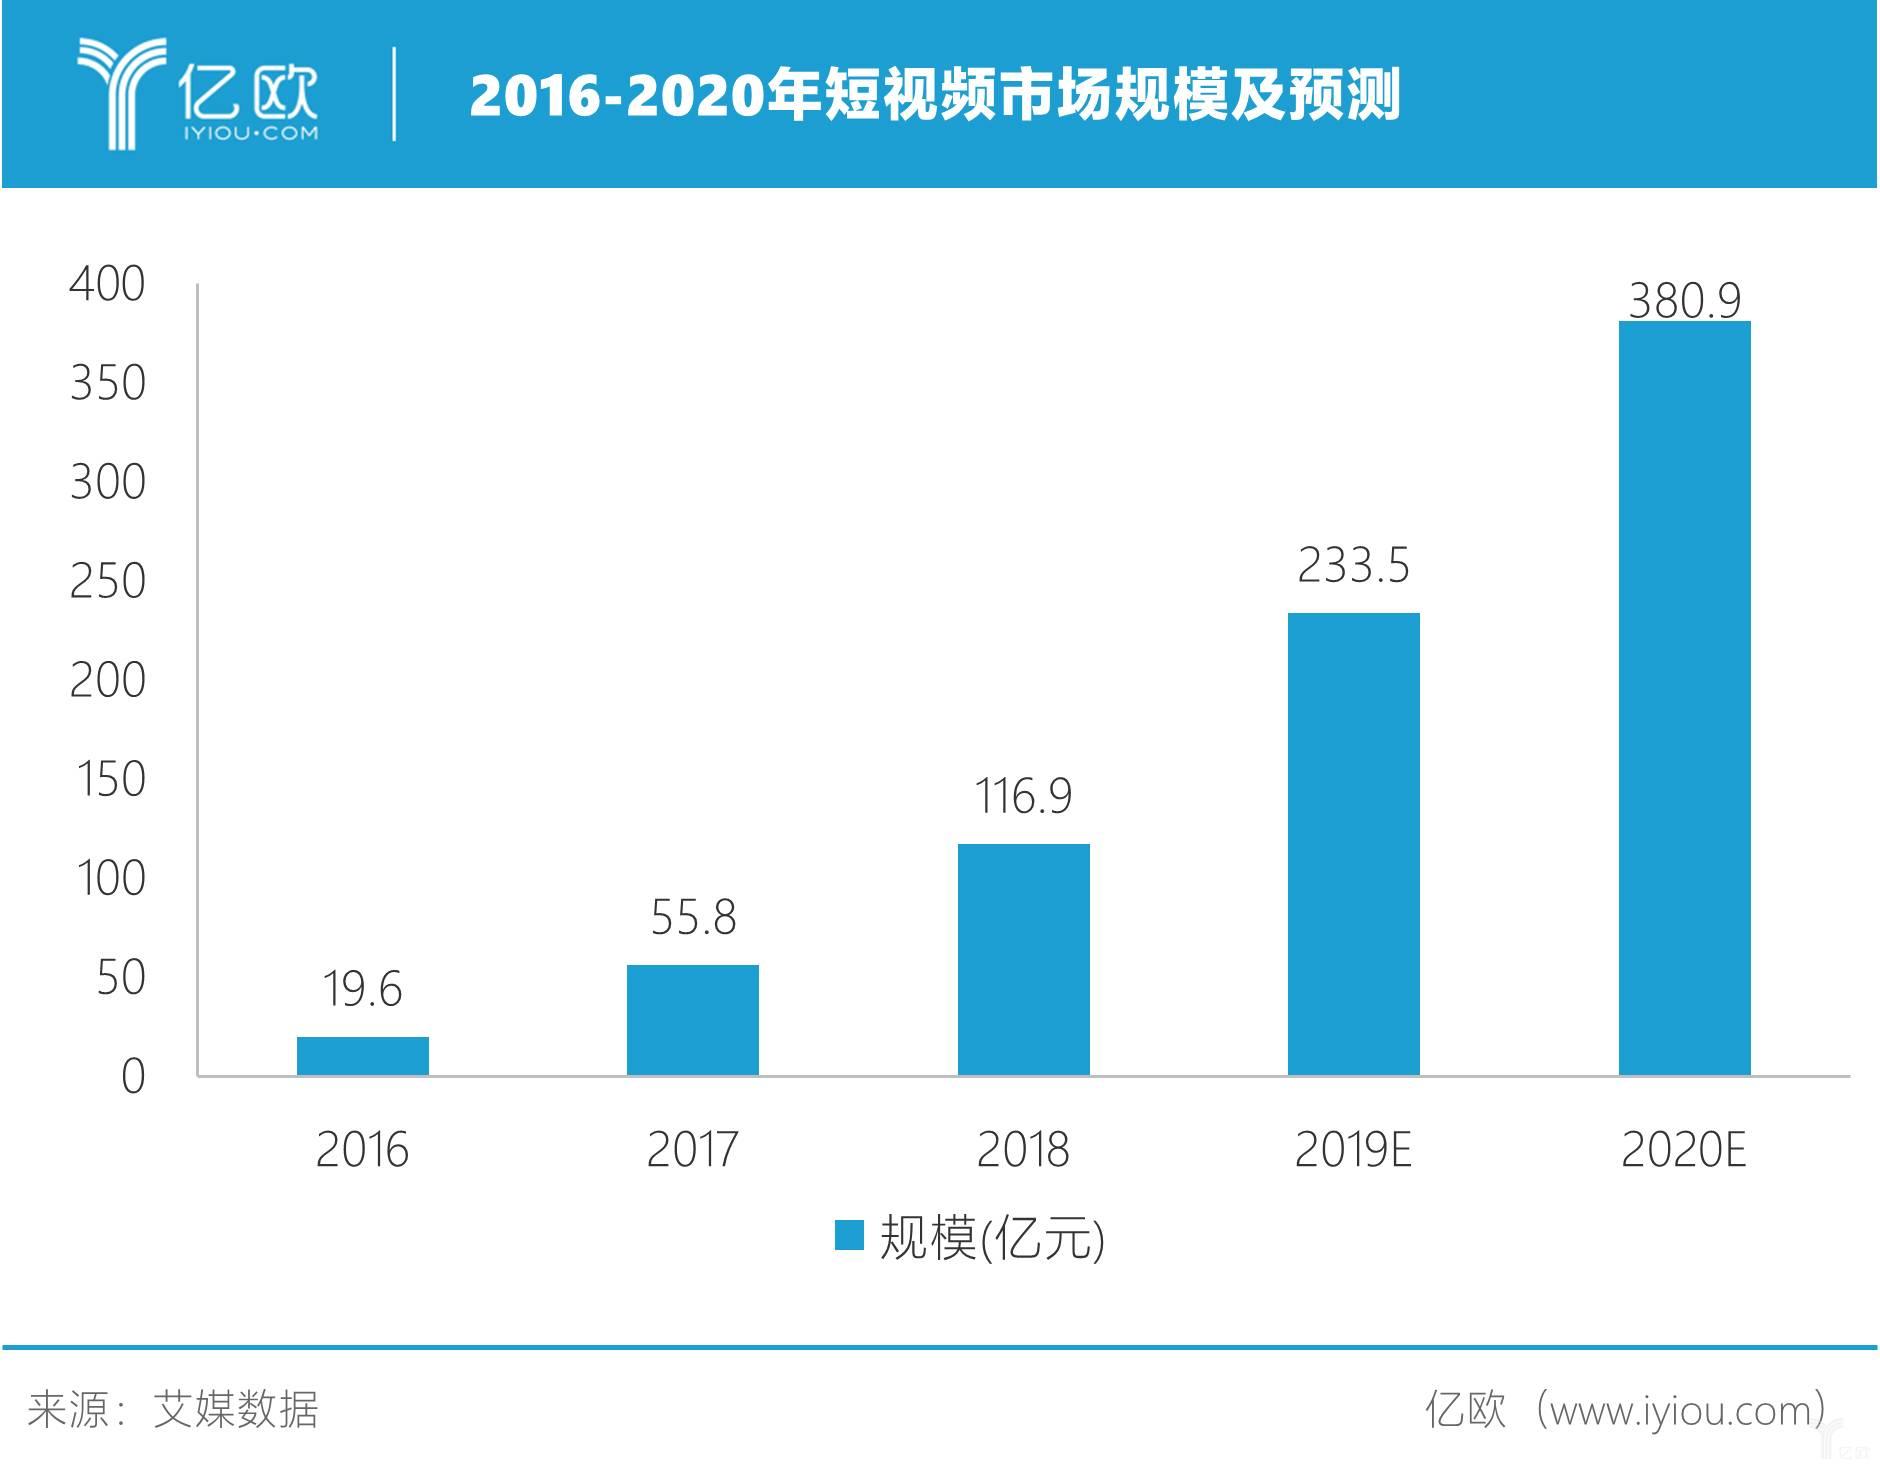 2016-2020年短视频市场规模及预测.jpg